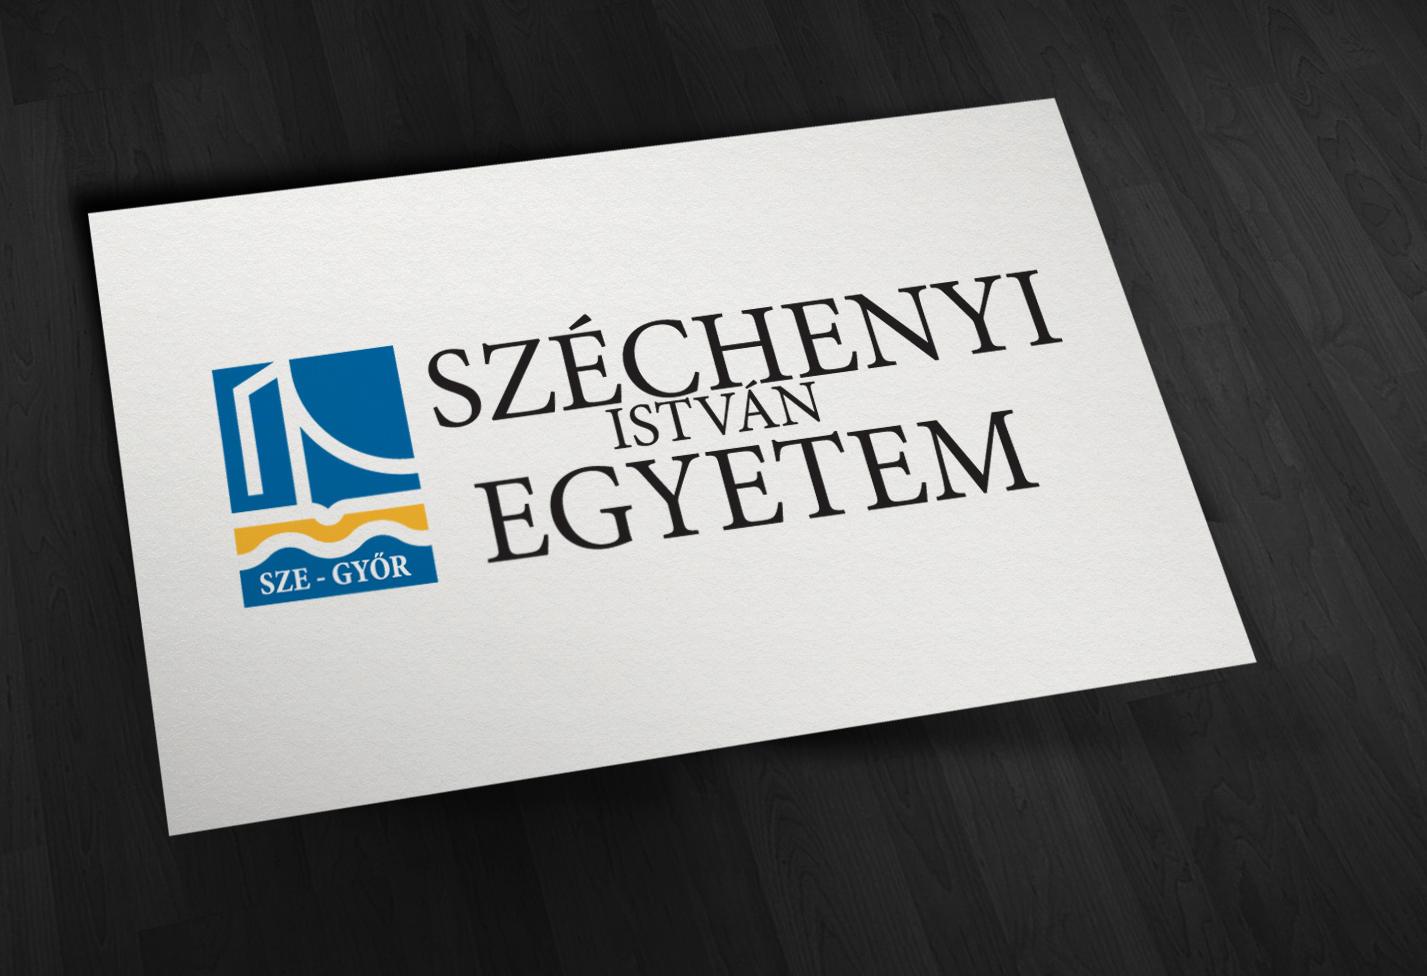 Széchenyi Istvány Egyetem intézményi arculata, logó kép